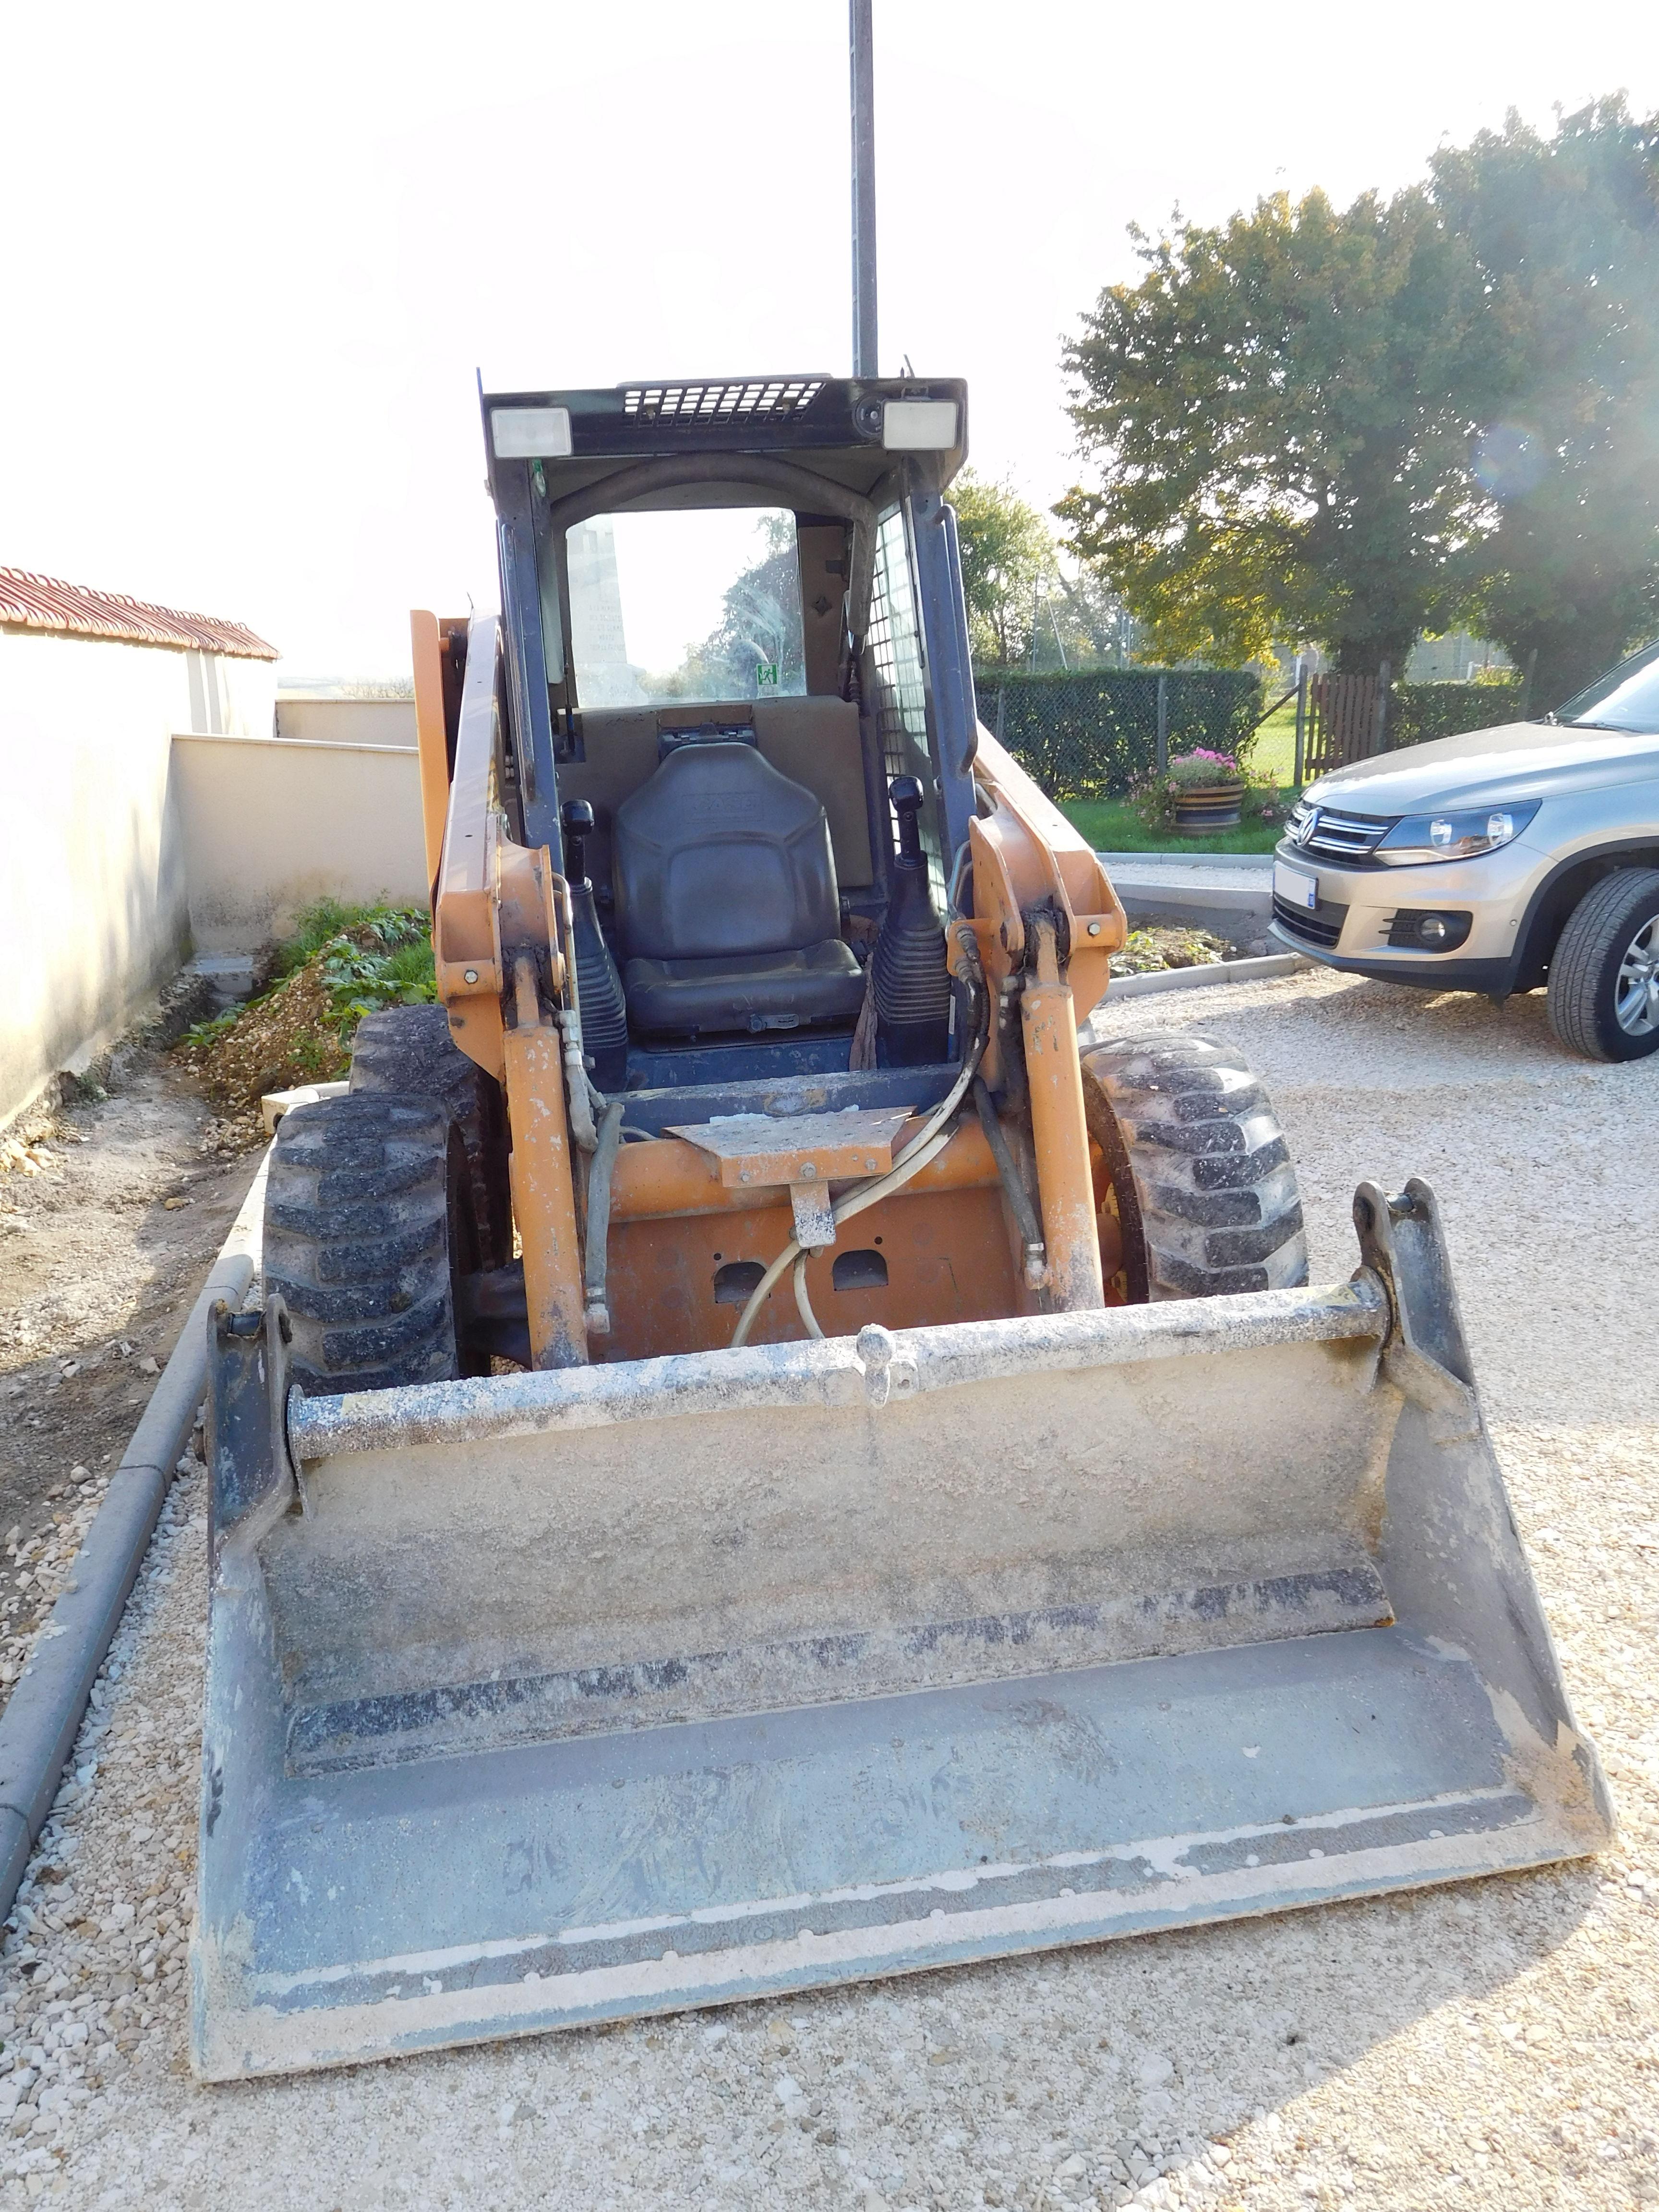 File:Case 430 skid loader - front view.jpg